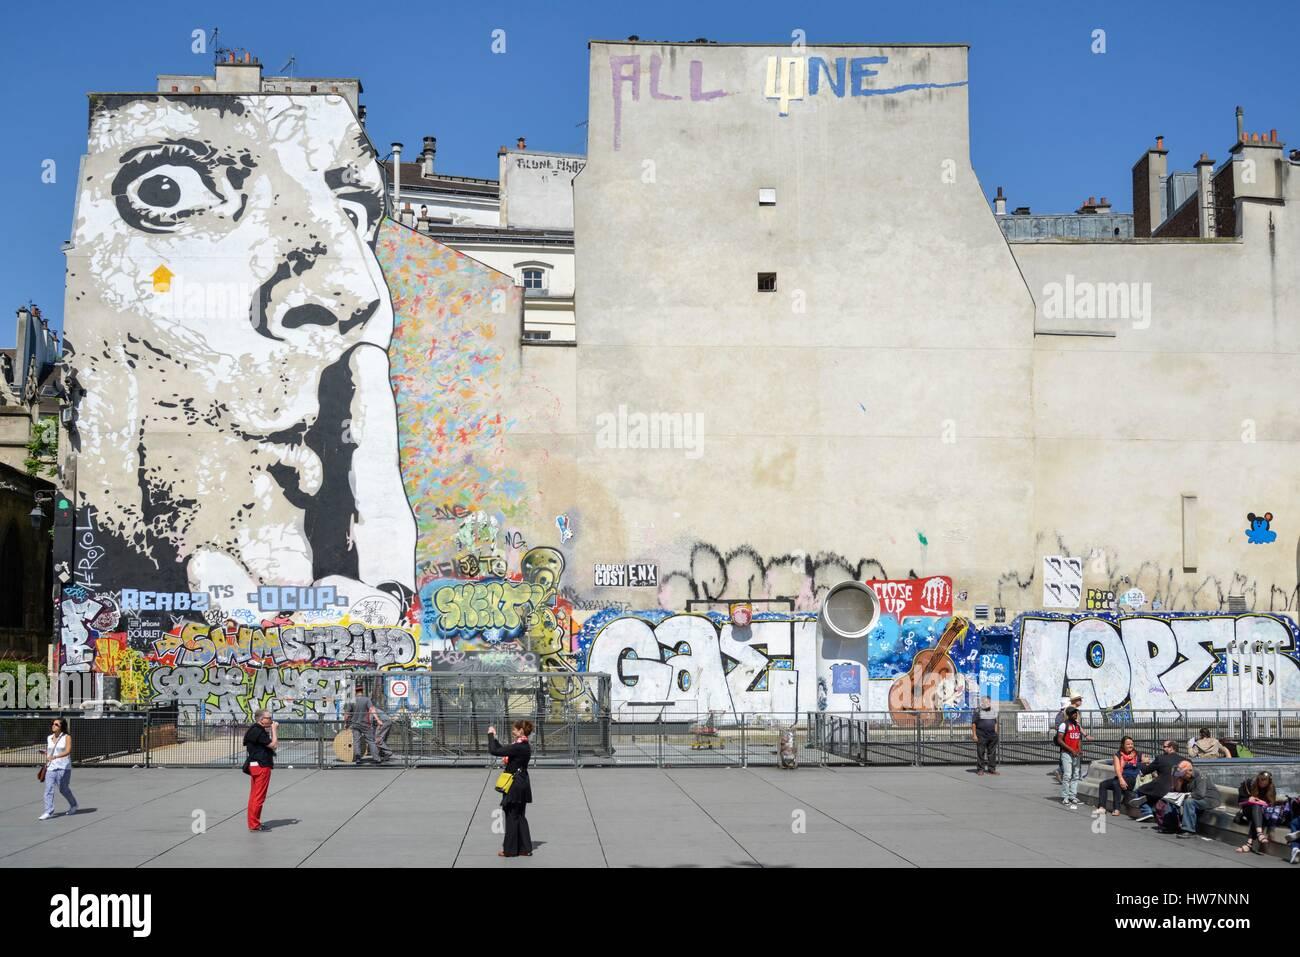 Frankreich, Paris, Place Igor Stravinsky, gehen und kommen von Wanderer vor einer Wand gemalt mit einem Fresko von Stockbild